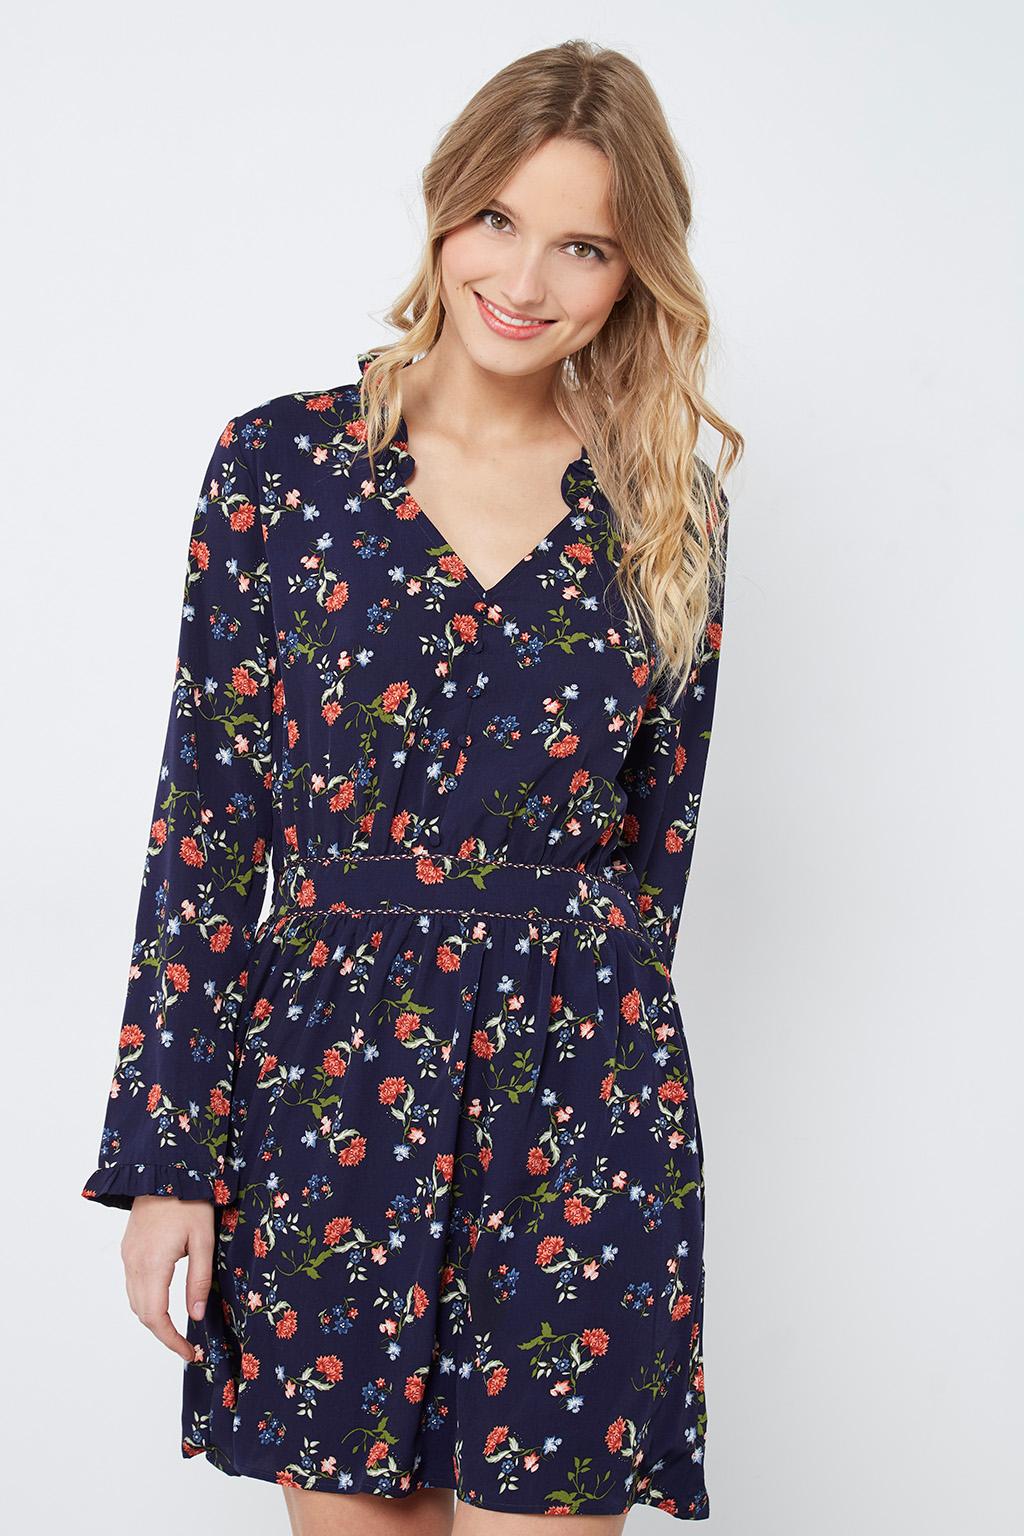 Robe à fleurs printemps #collectionIRL sur Showroomprivé.